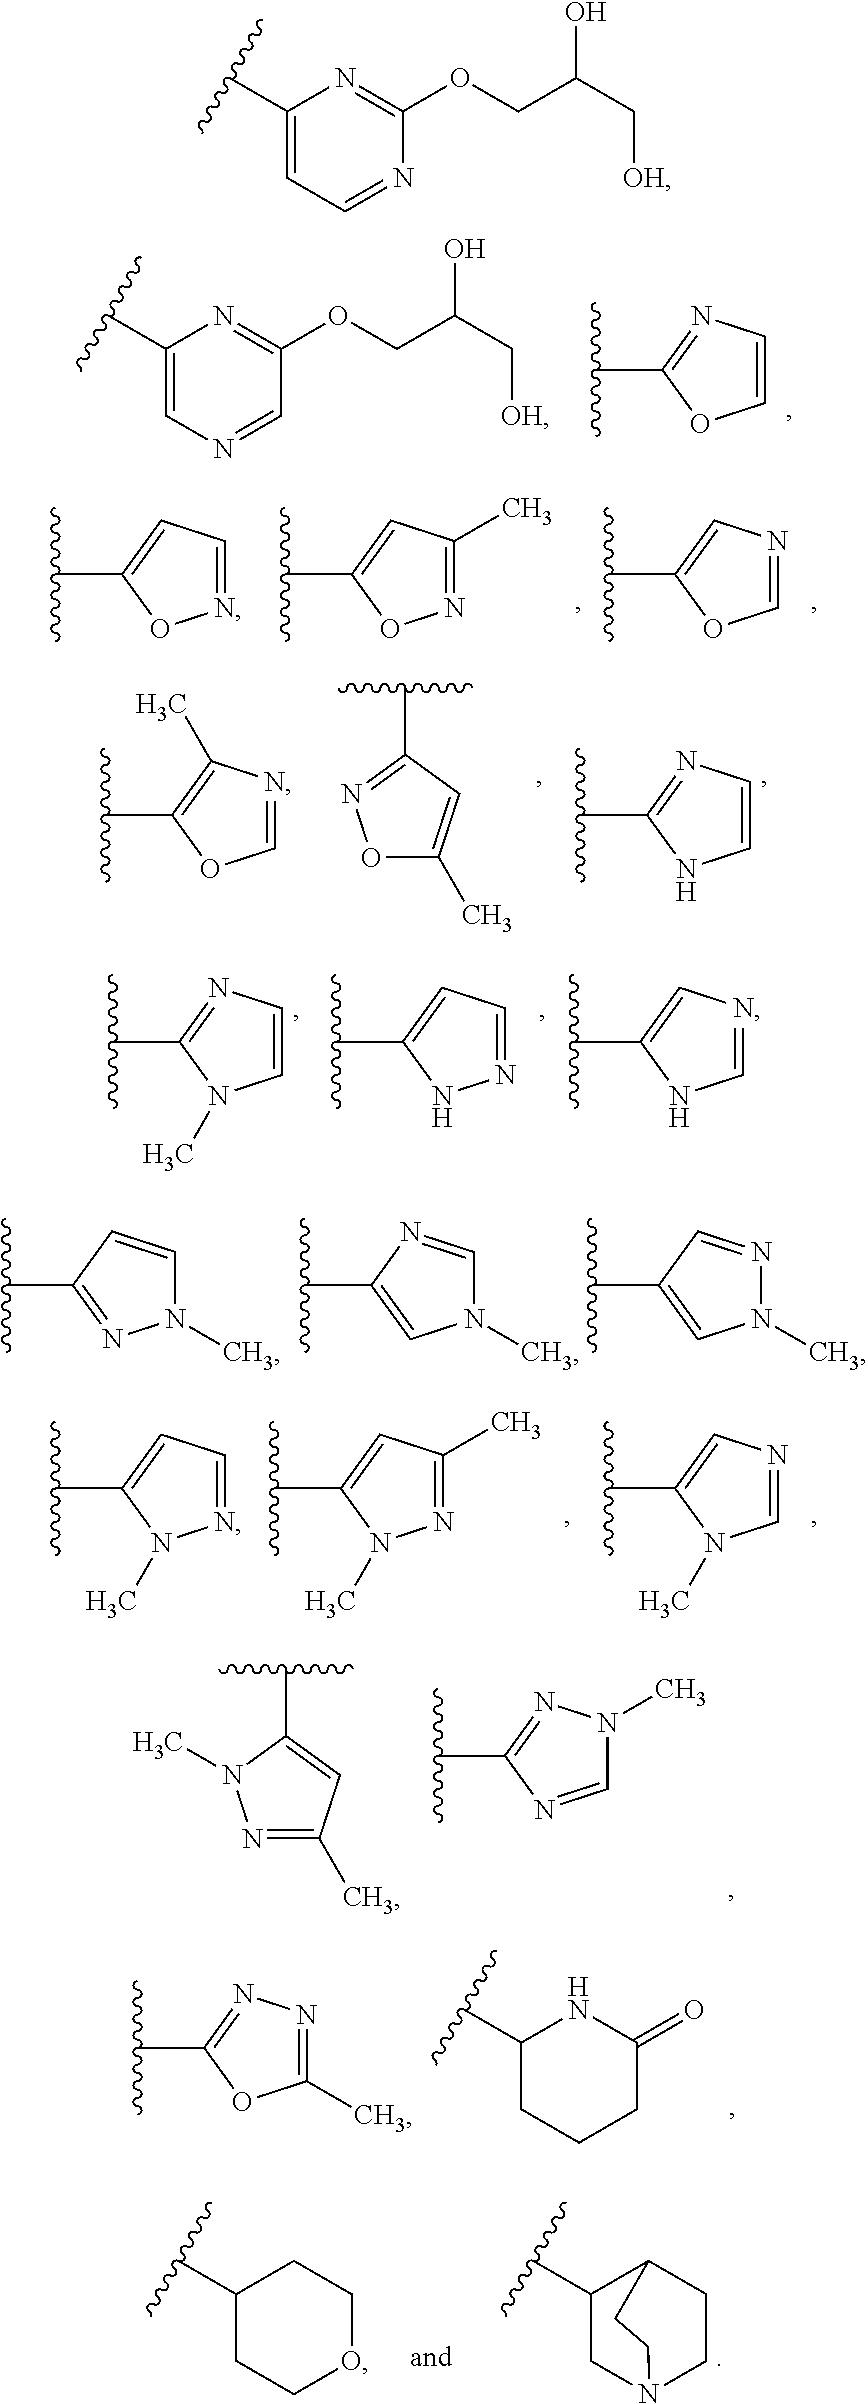 Figure US09326986-20160503-C00363